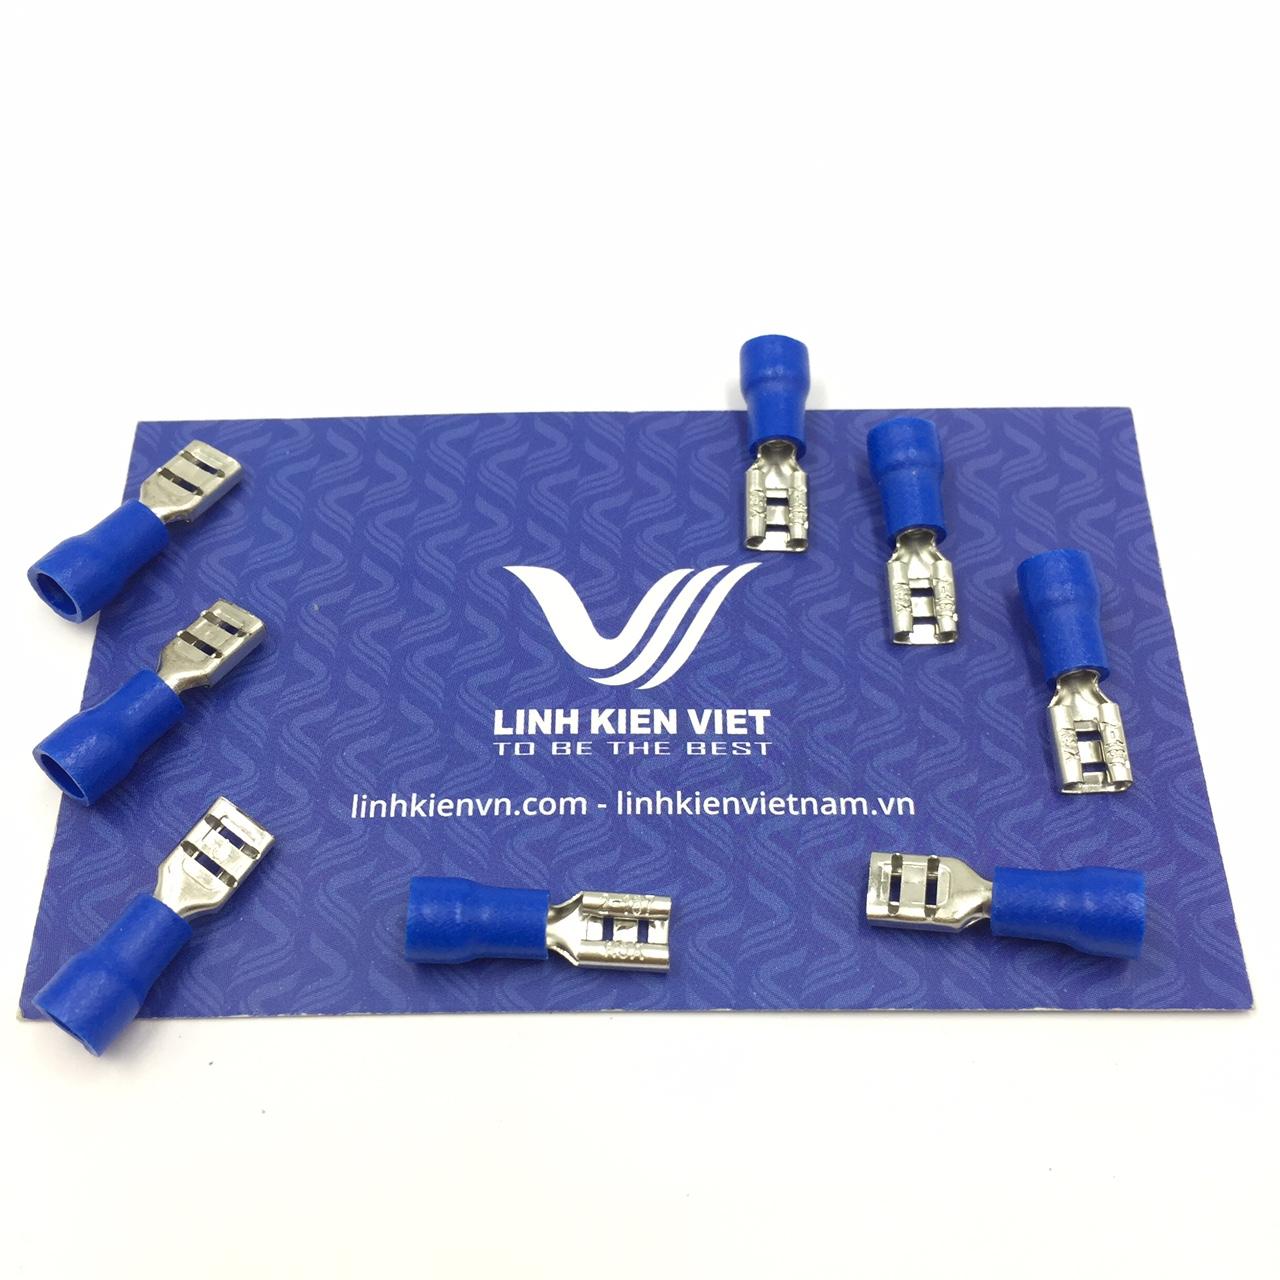 Đầu cốt chữ T 5mm FDD2-187 màu xanh - Gói 100 cái - S2H18